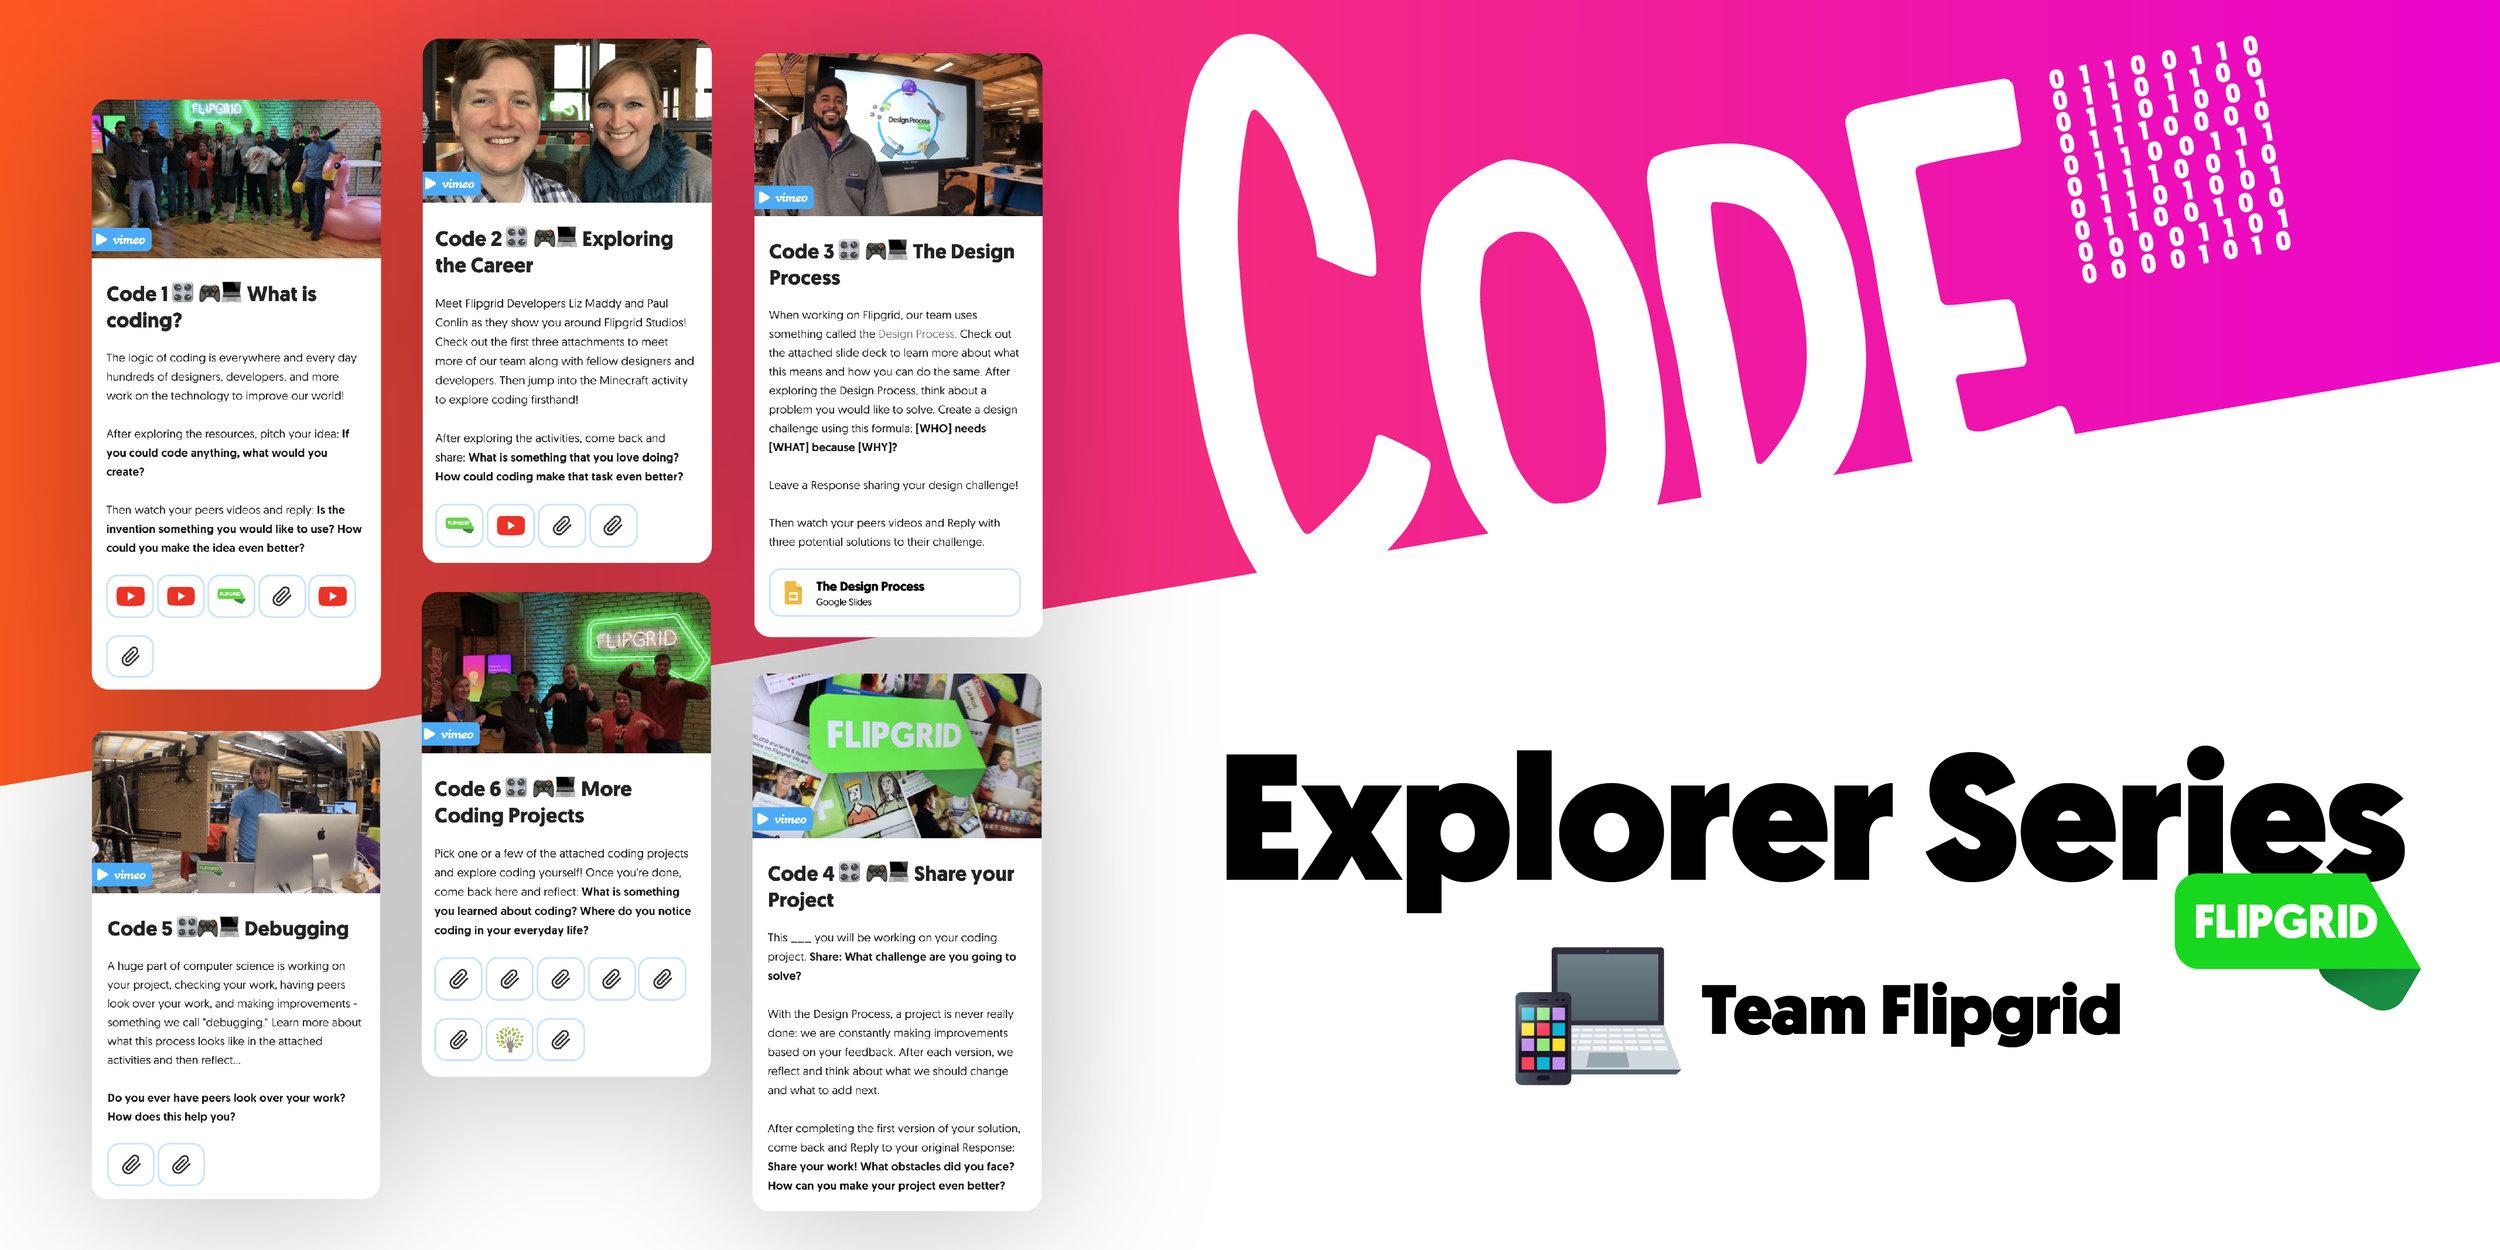 Code_Flipgrid_ExplorerSeries_Yeahea.jpg